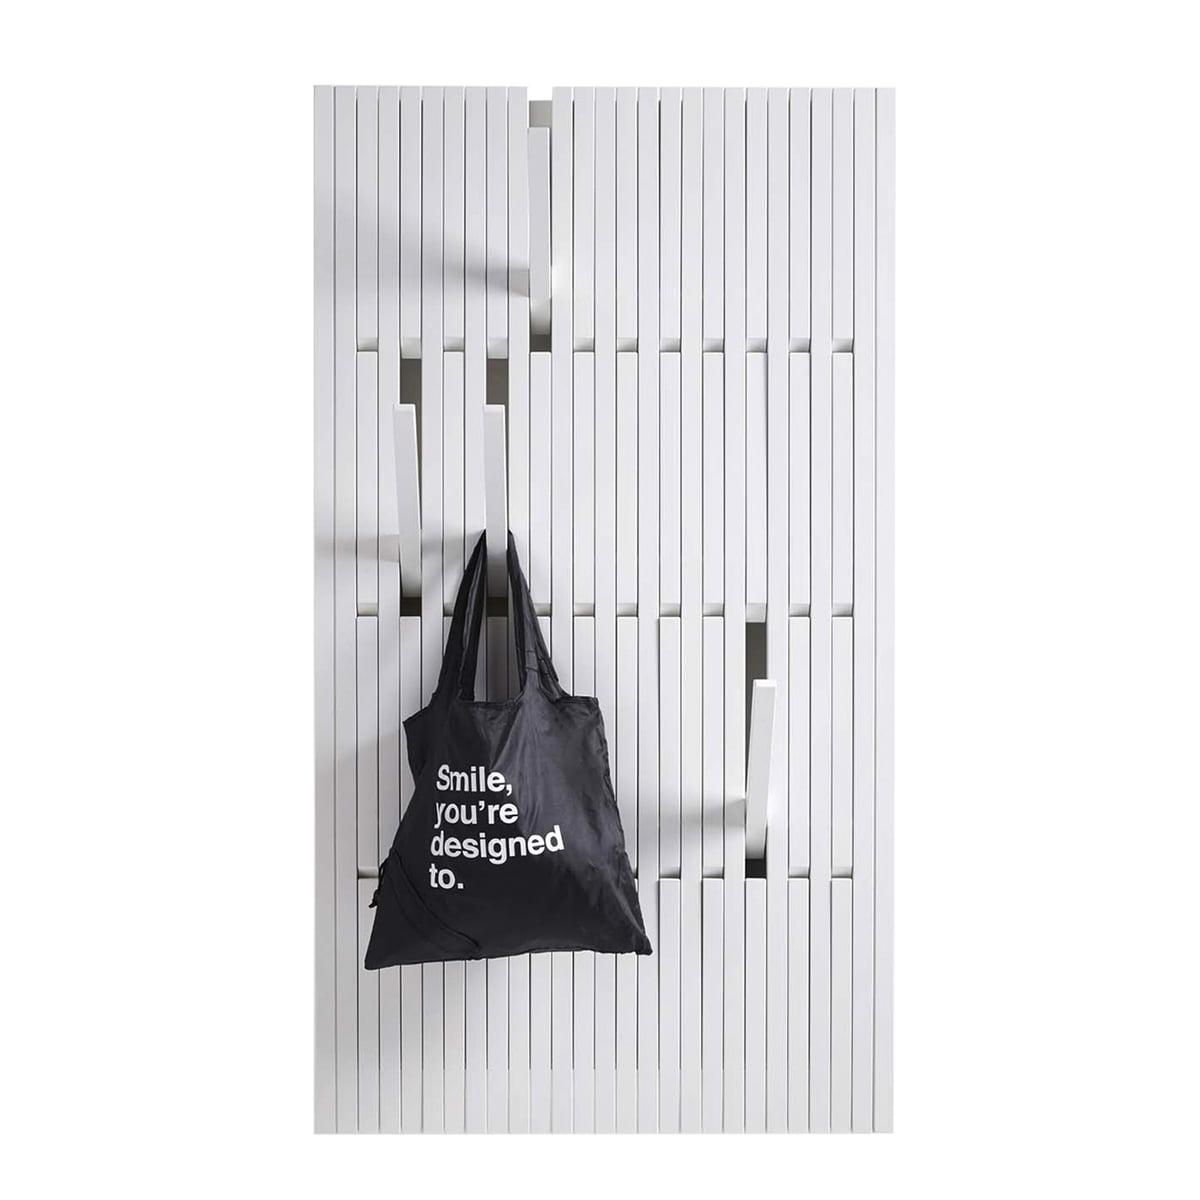 Bezaubernd Wandgarderobe Weiß Beste Wahl Die Piano Hanger Buche Weiß Lackiert (ral